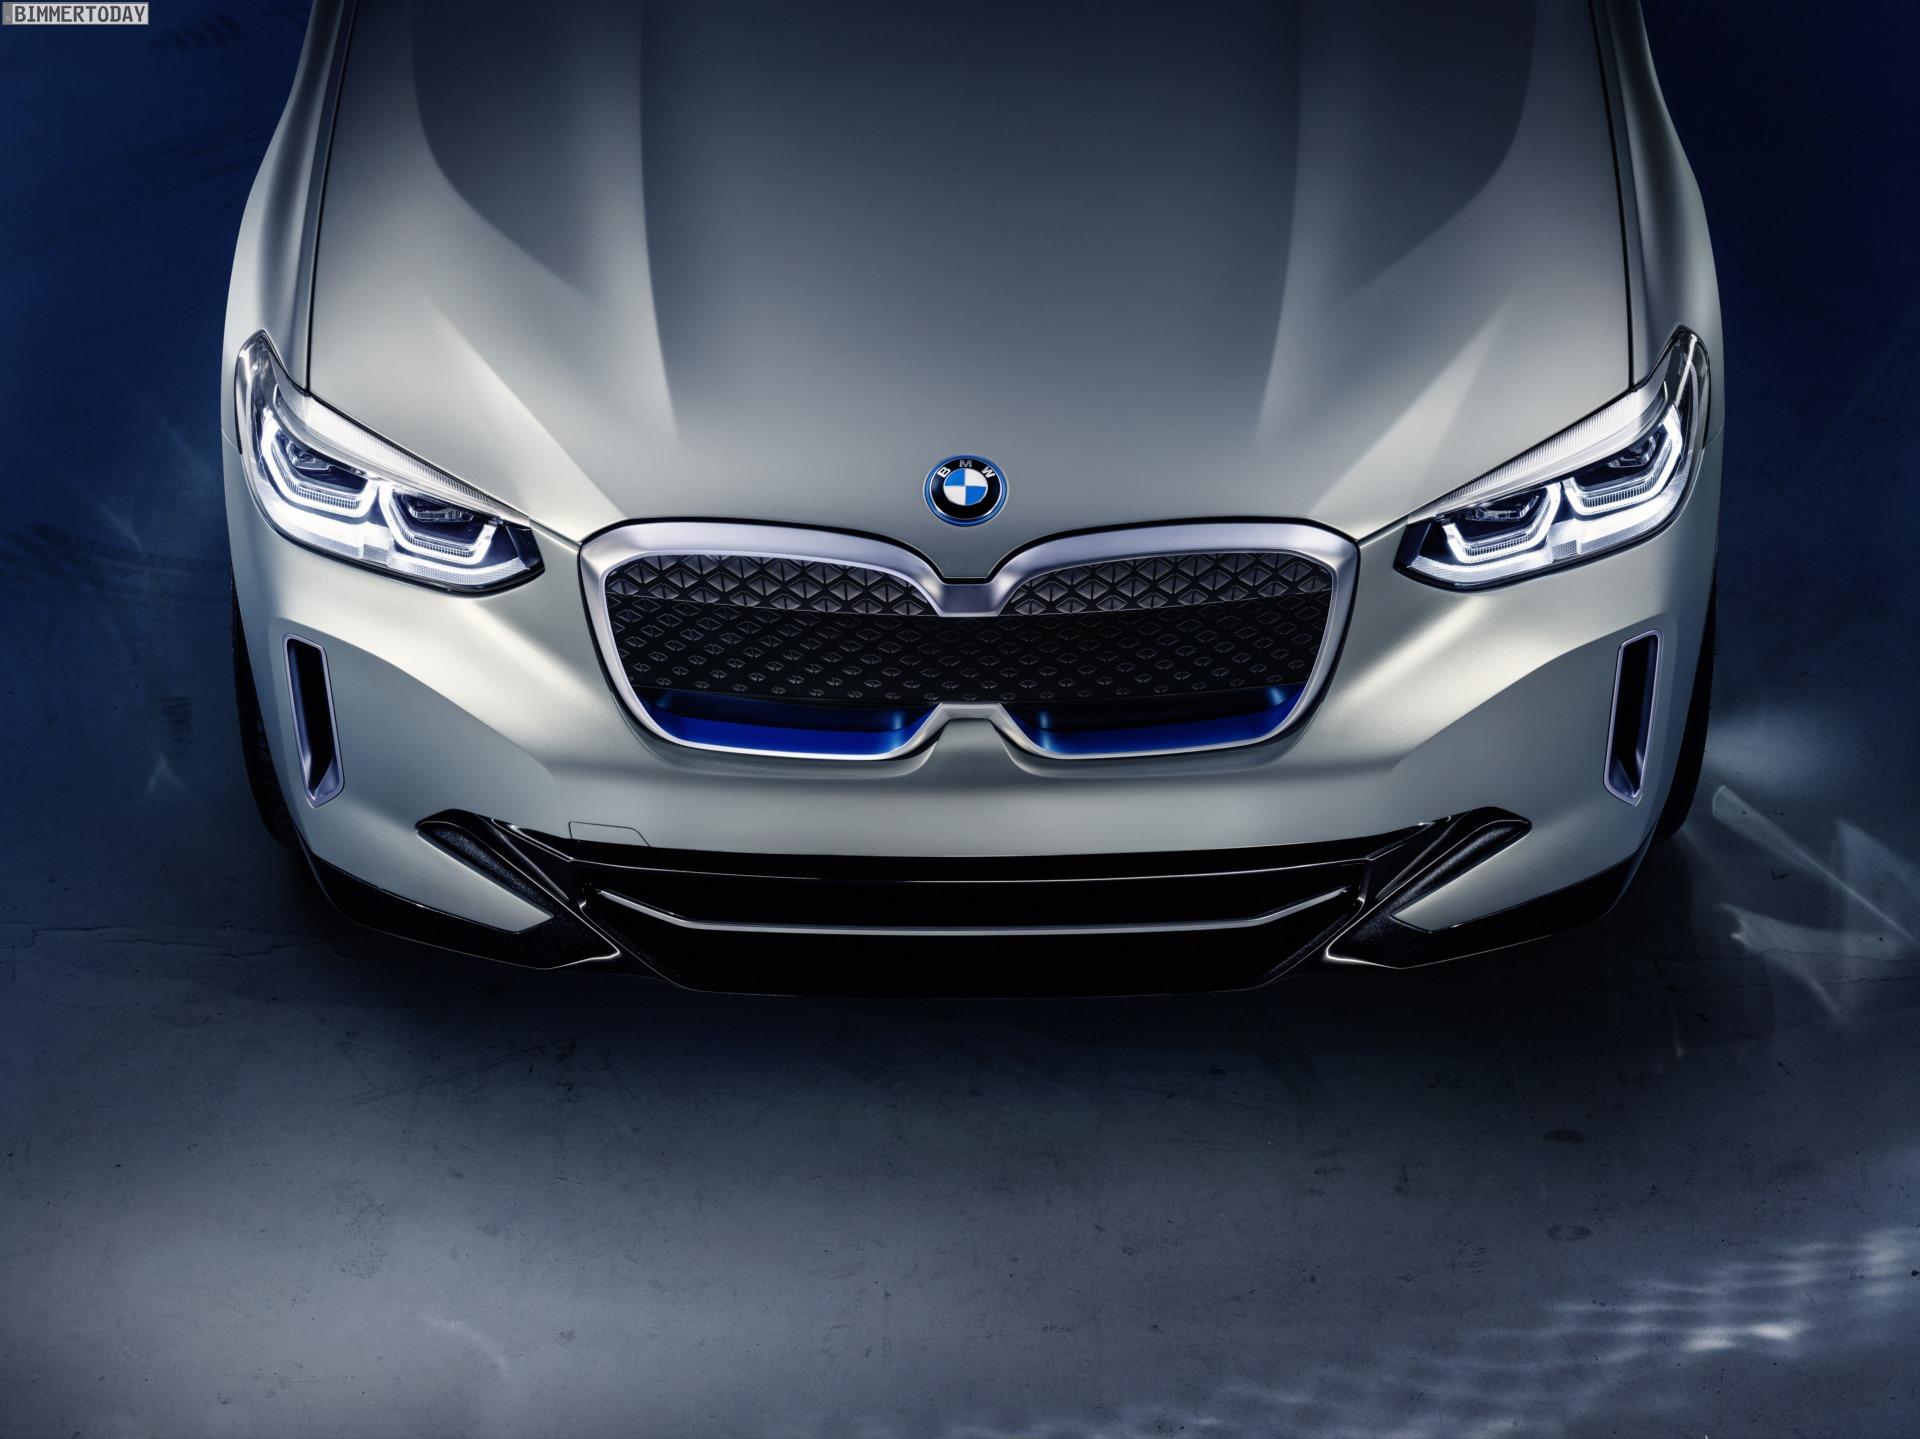 BMW i1: Kommt der Elektro-1er schon 2021 auf den Markt?